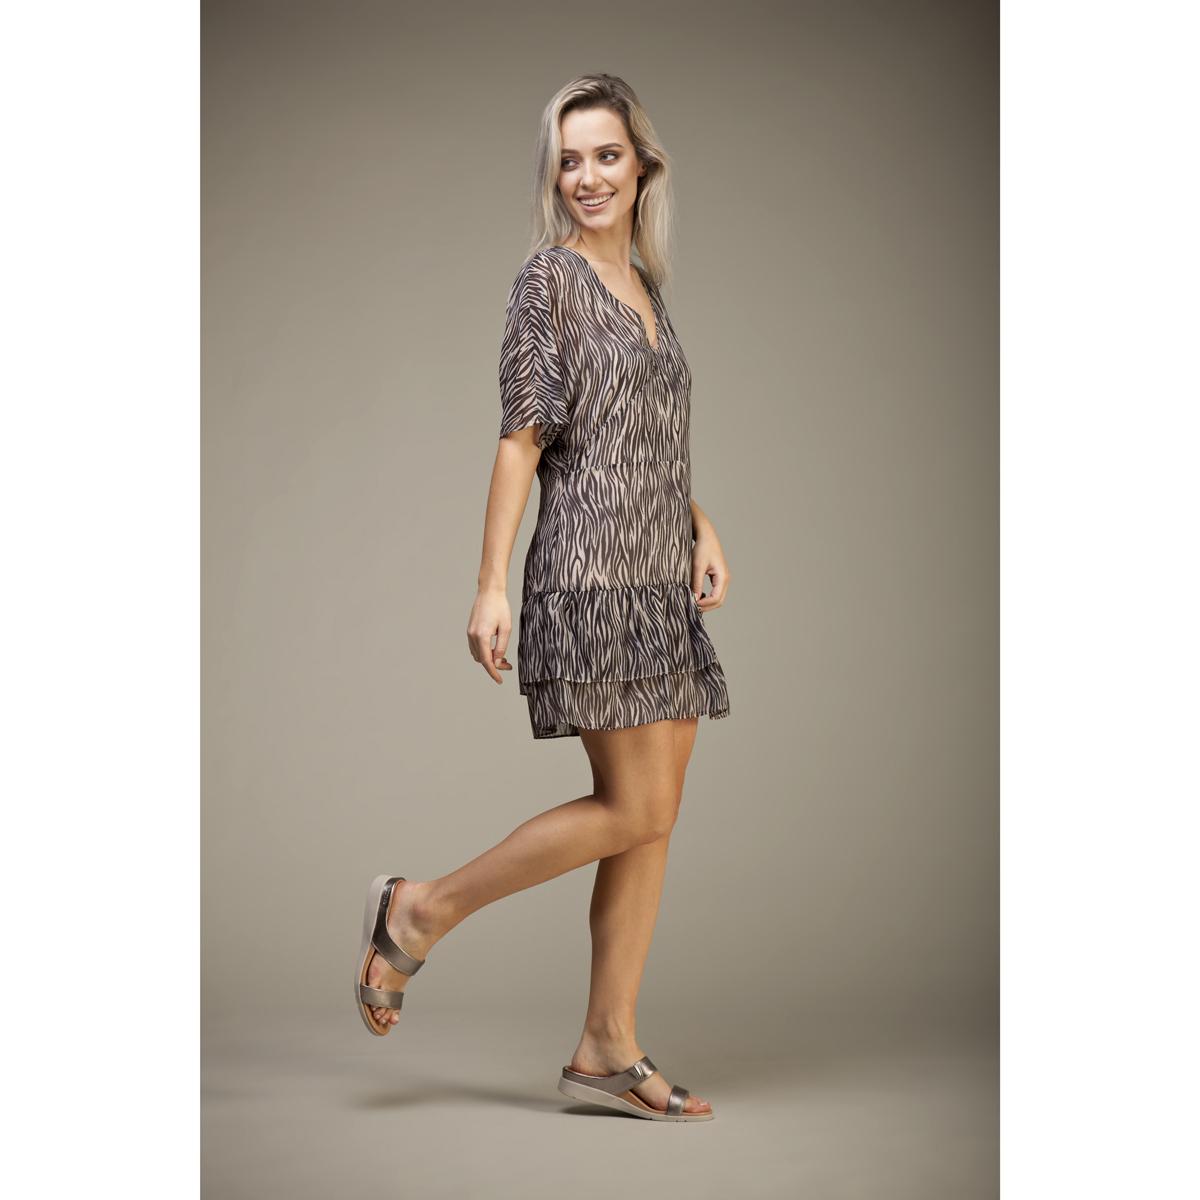 スニーカー感覚で歩き回れる「サンダル」|FARO (22-22.5cm) 独自開発の立体インソールで、スニーカーみたいに歩き回れる「サンダル」|strive